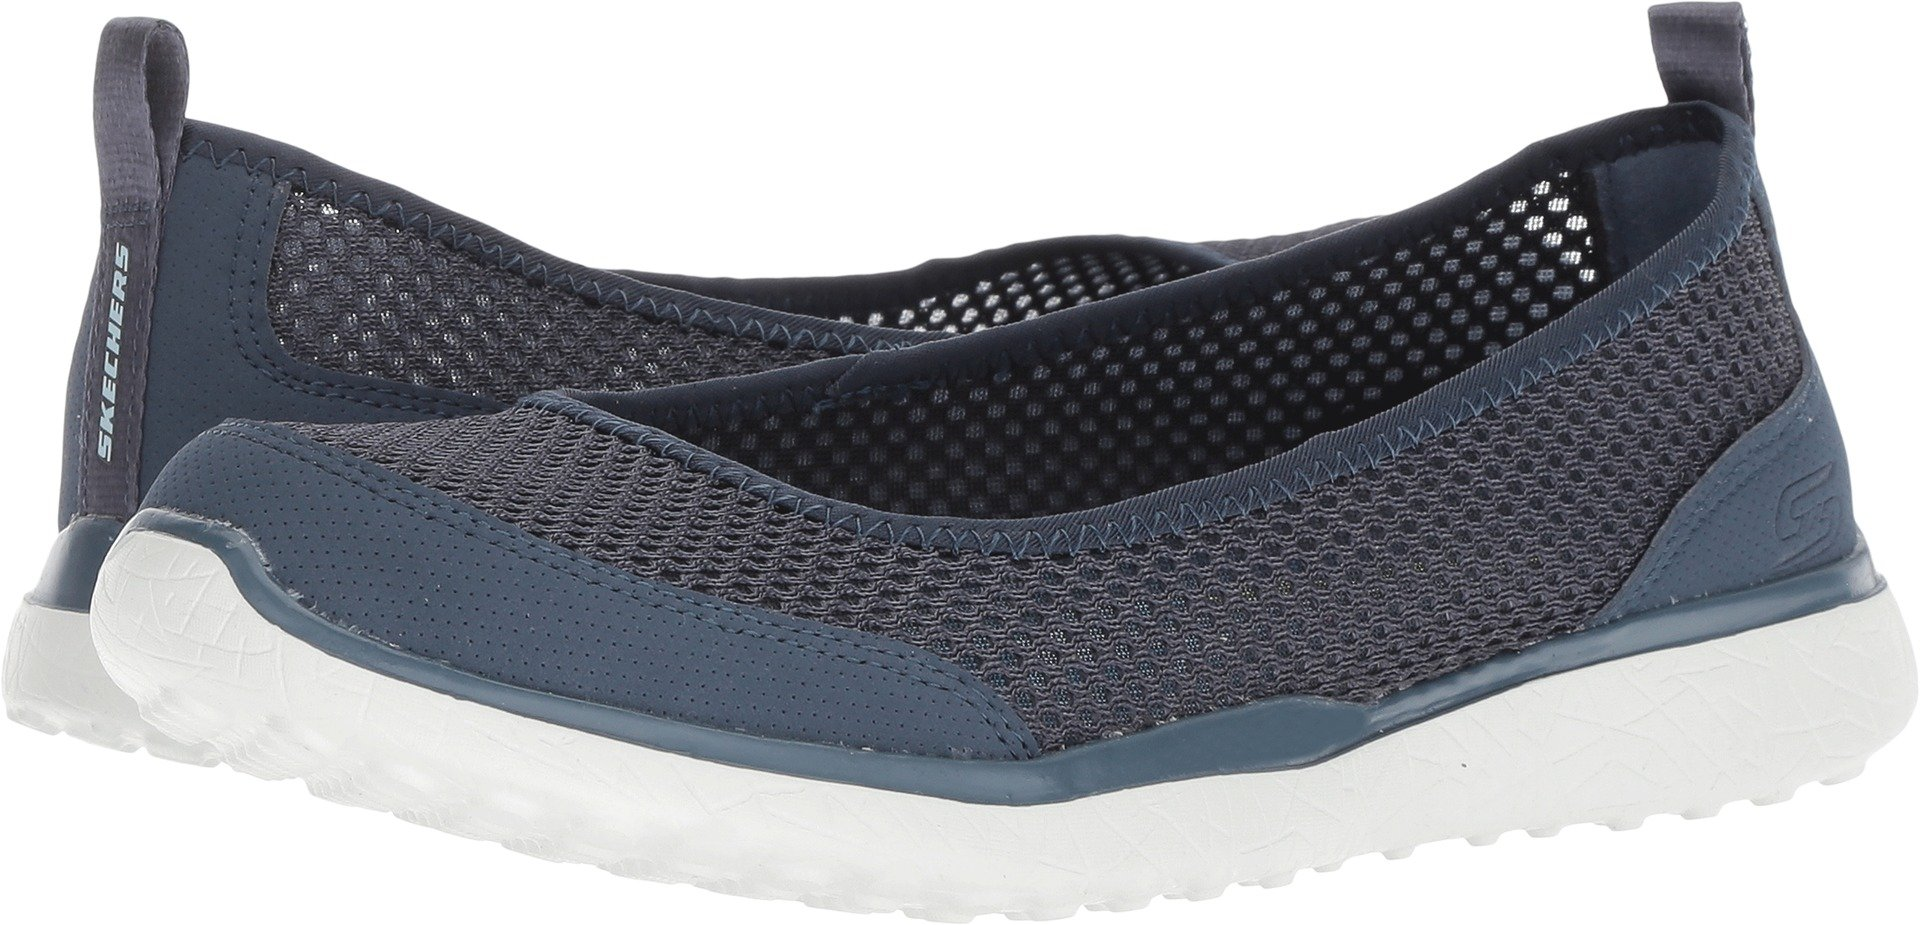 Skechers Microburst Sudden Look Womens Slip on Skimmer Sneakers Slate 8.5